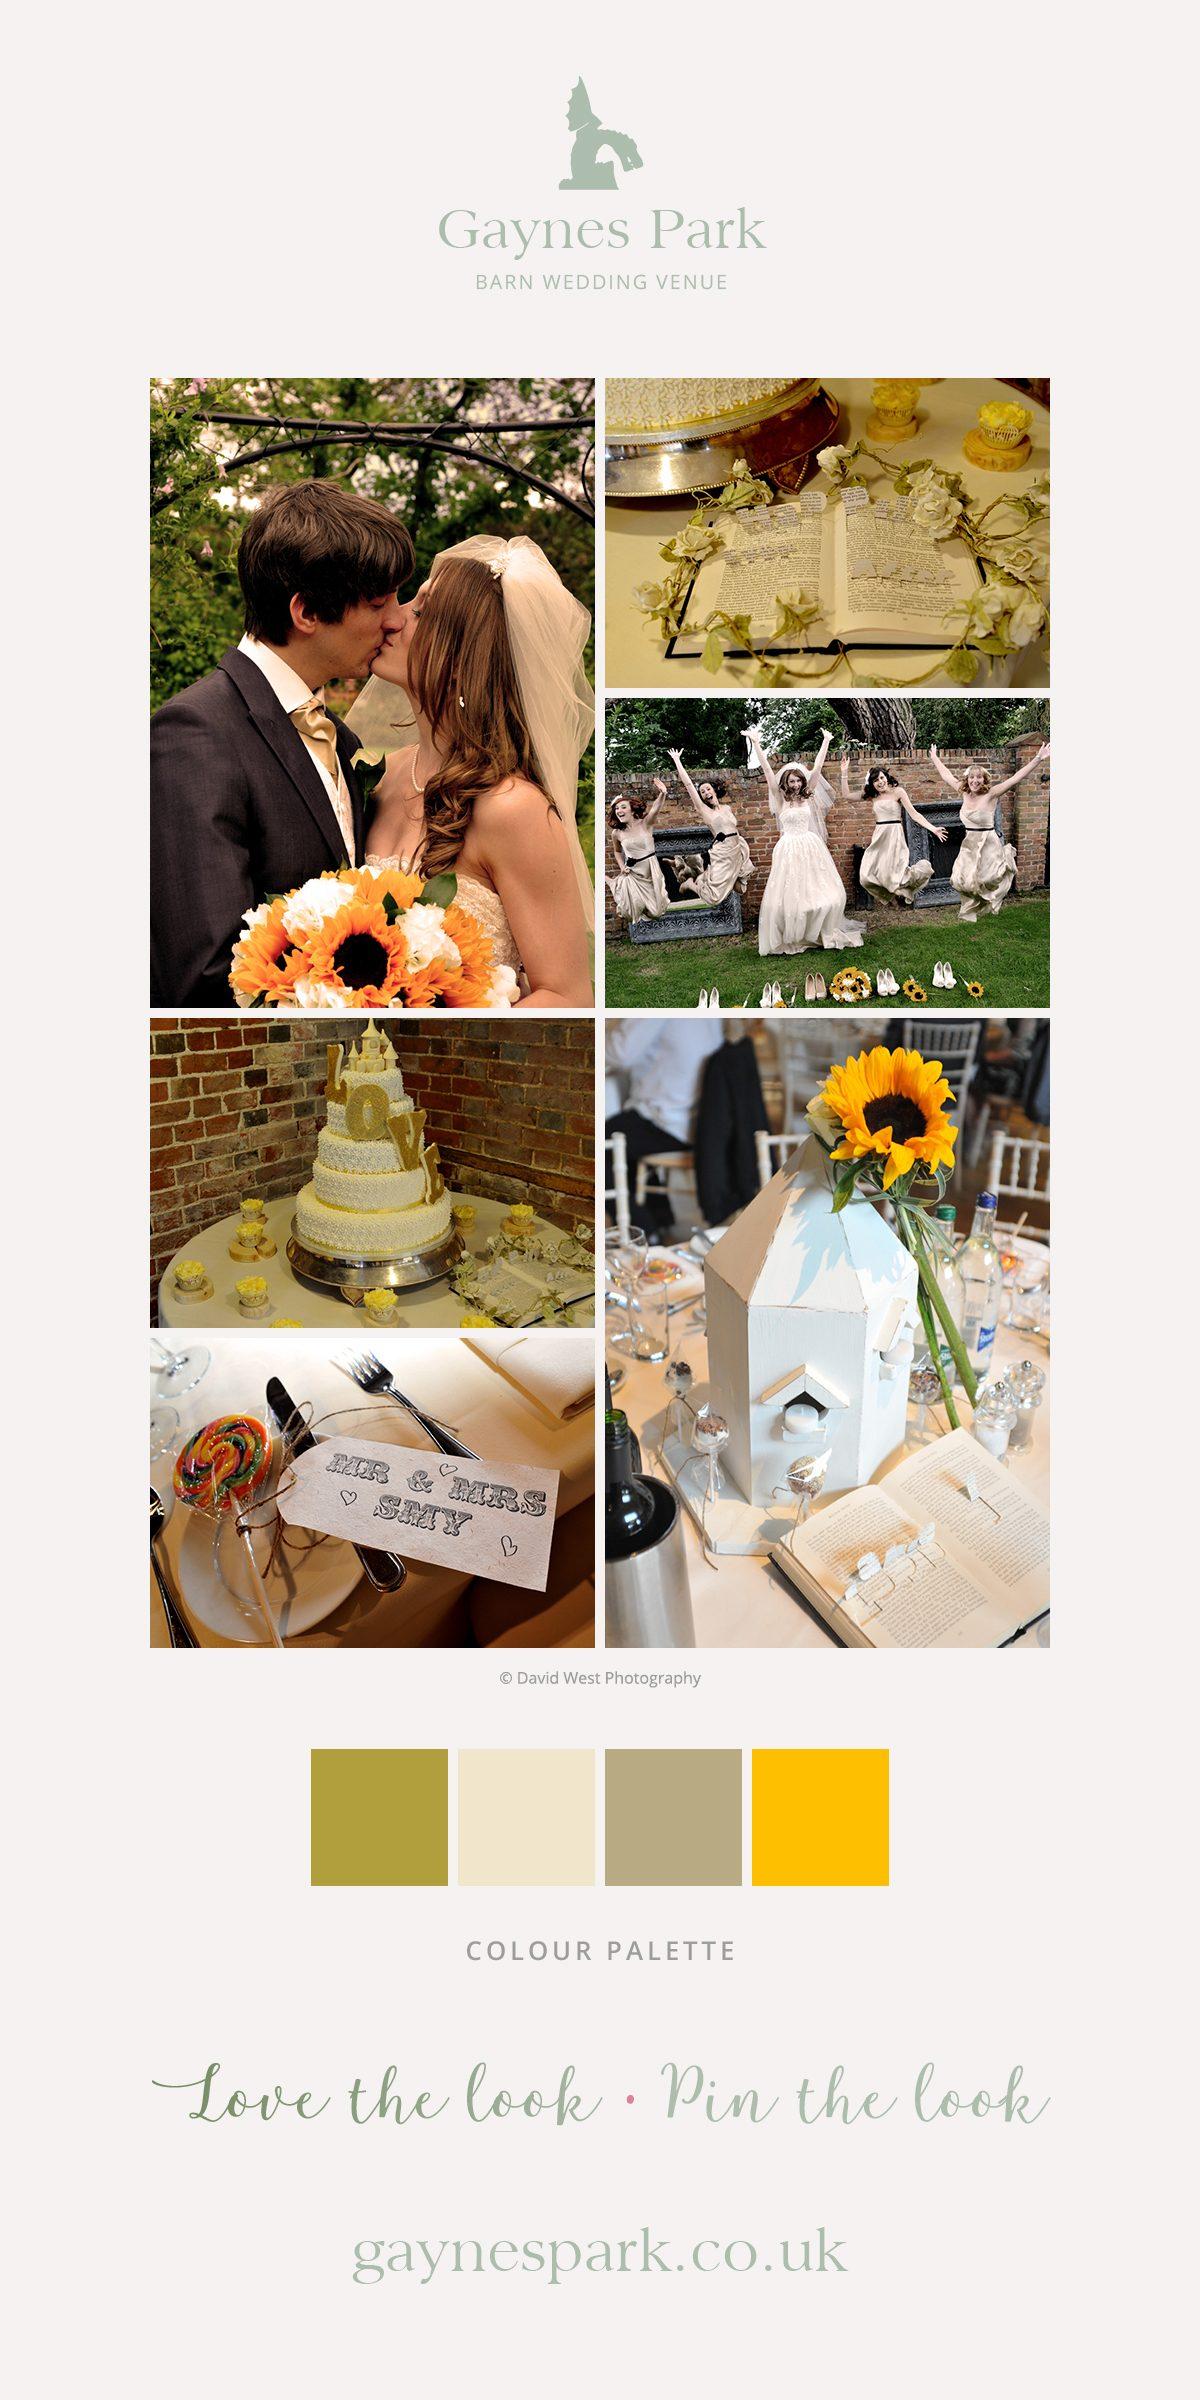 Sara and Daniel's real life wedding at Gaynes Park